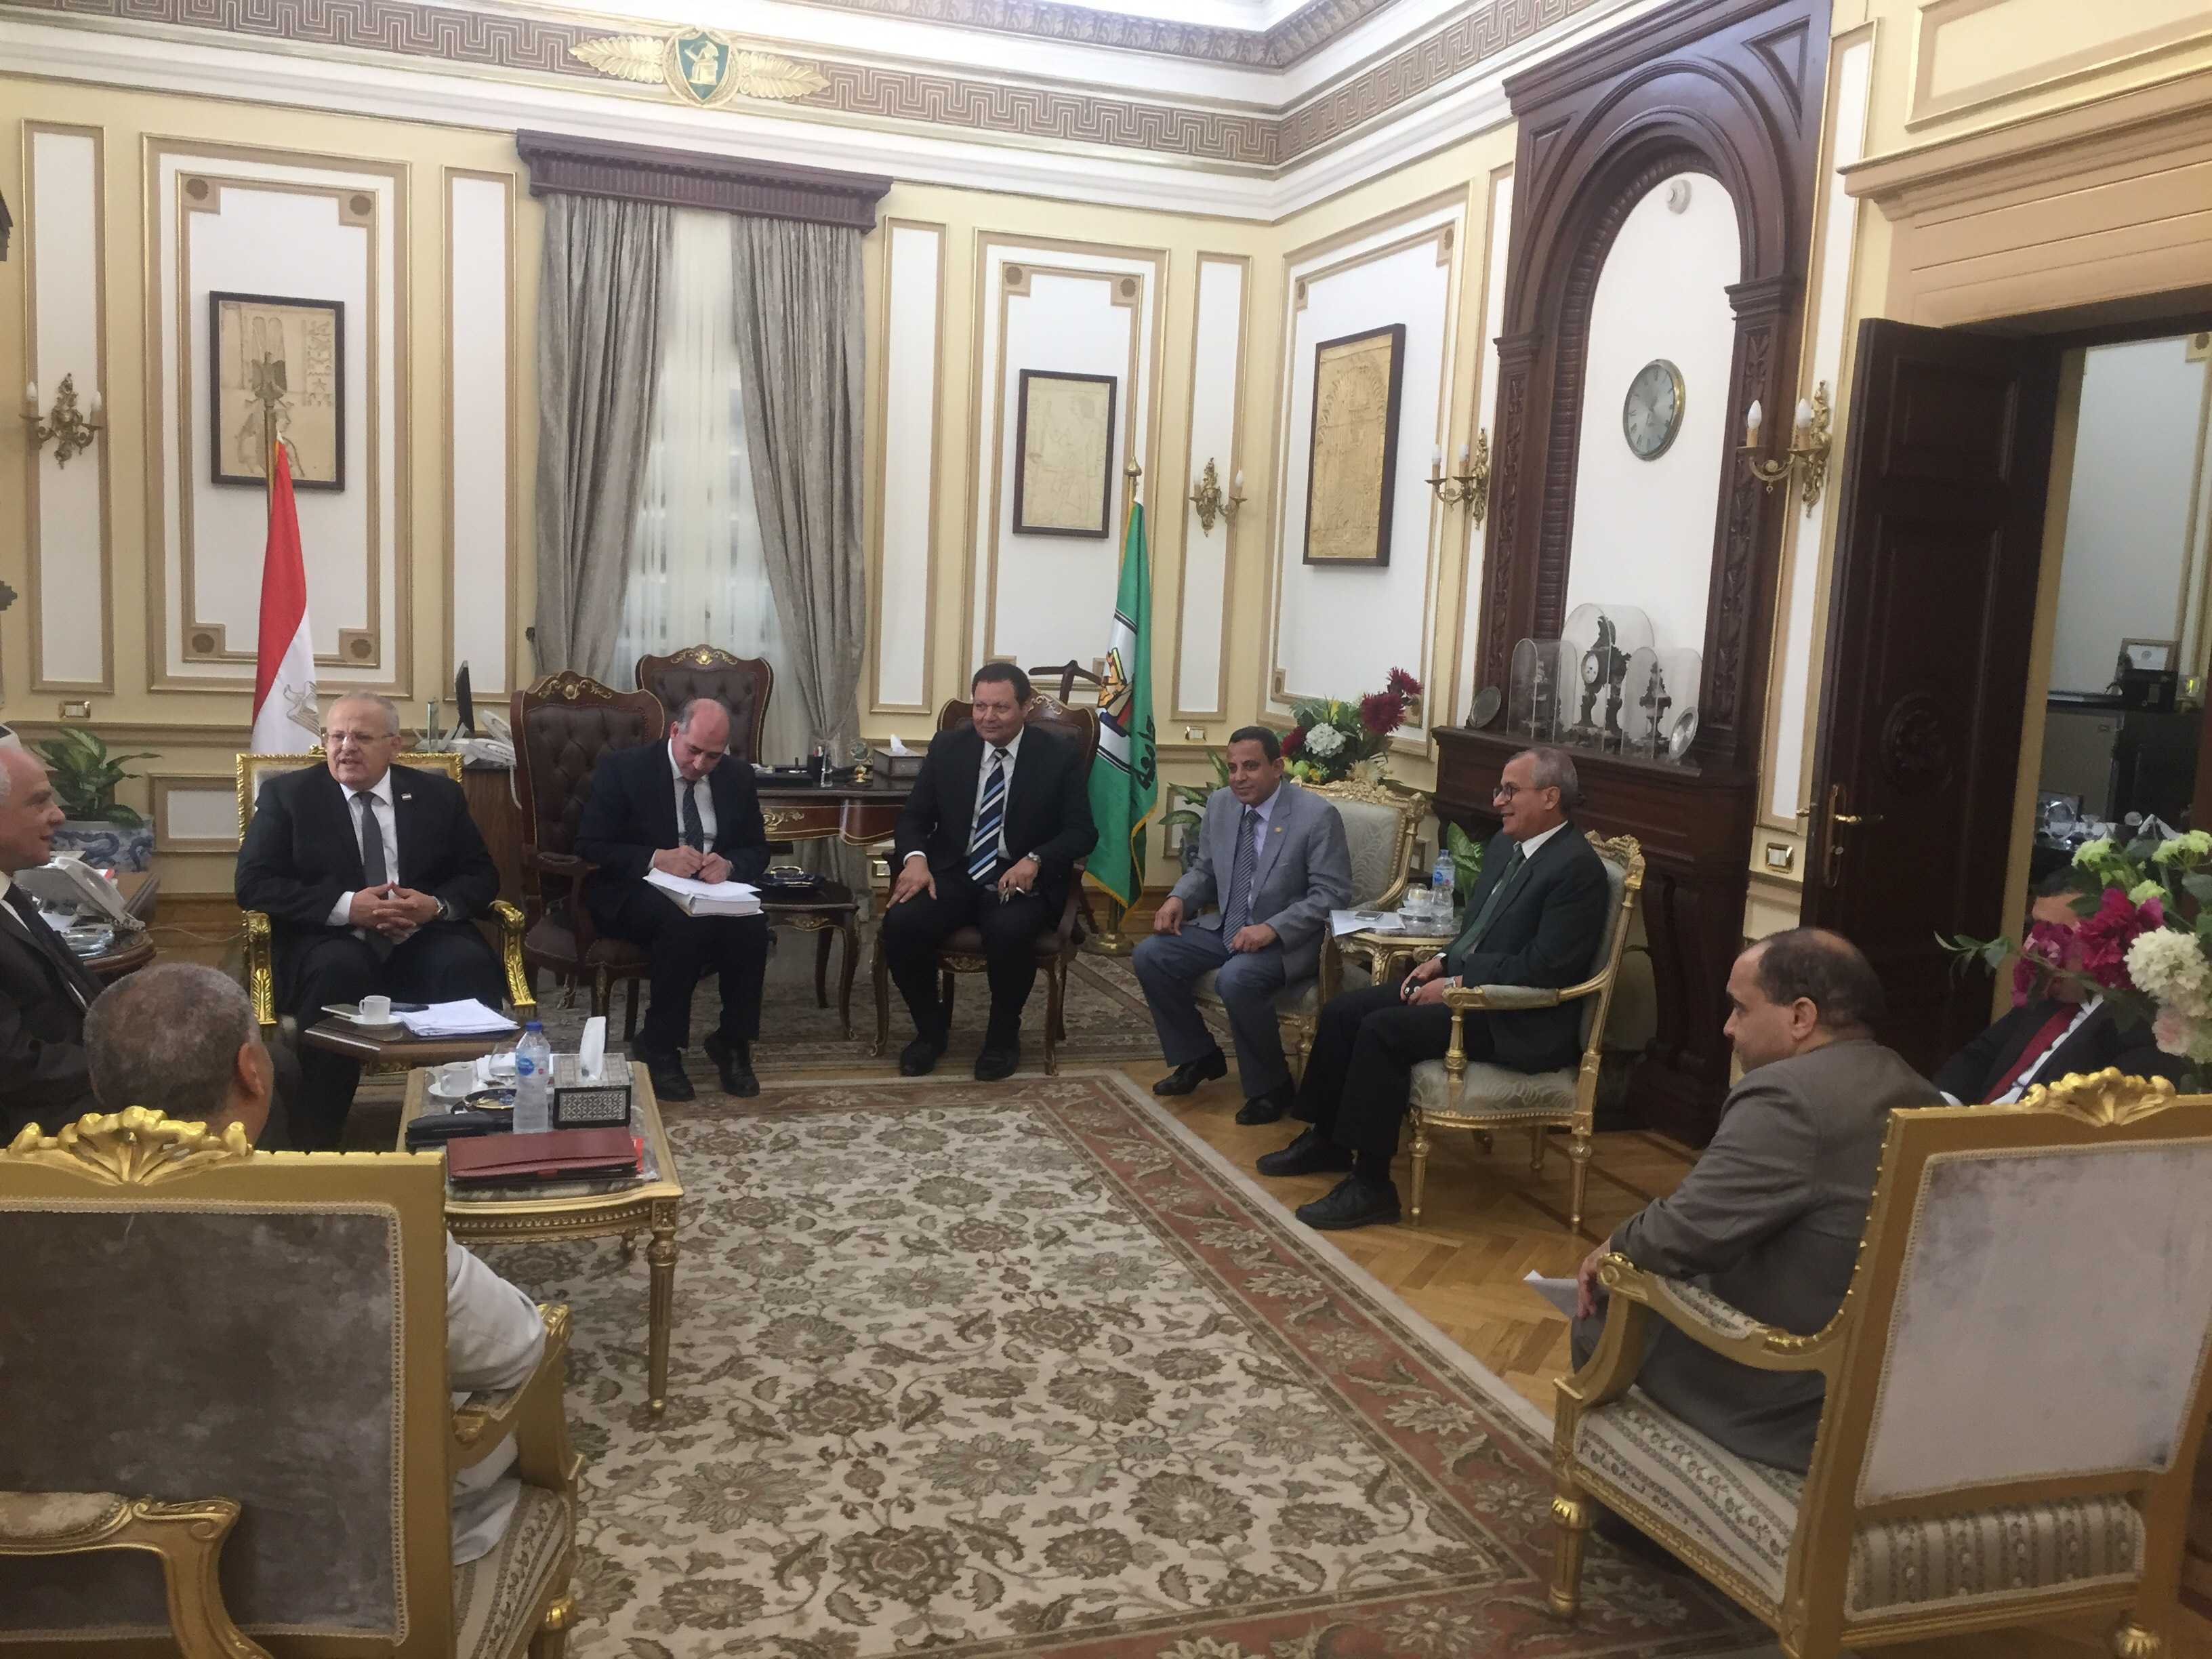 . رئيس جامعة القاهرة يستقبل محافظ الجيزة بمكتبه لبحث استعدادات العام الدراسى الجديد (7)